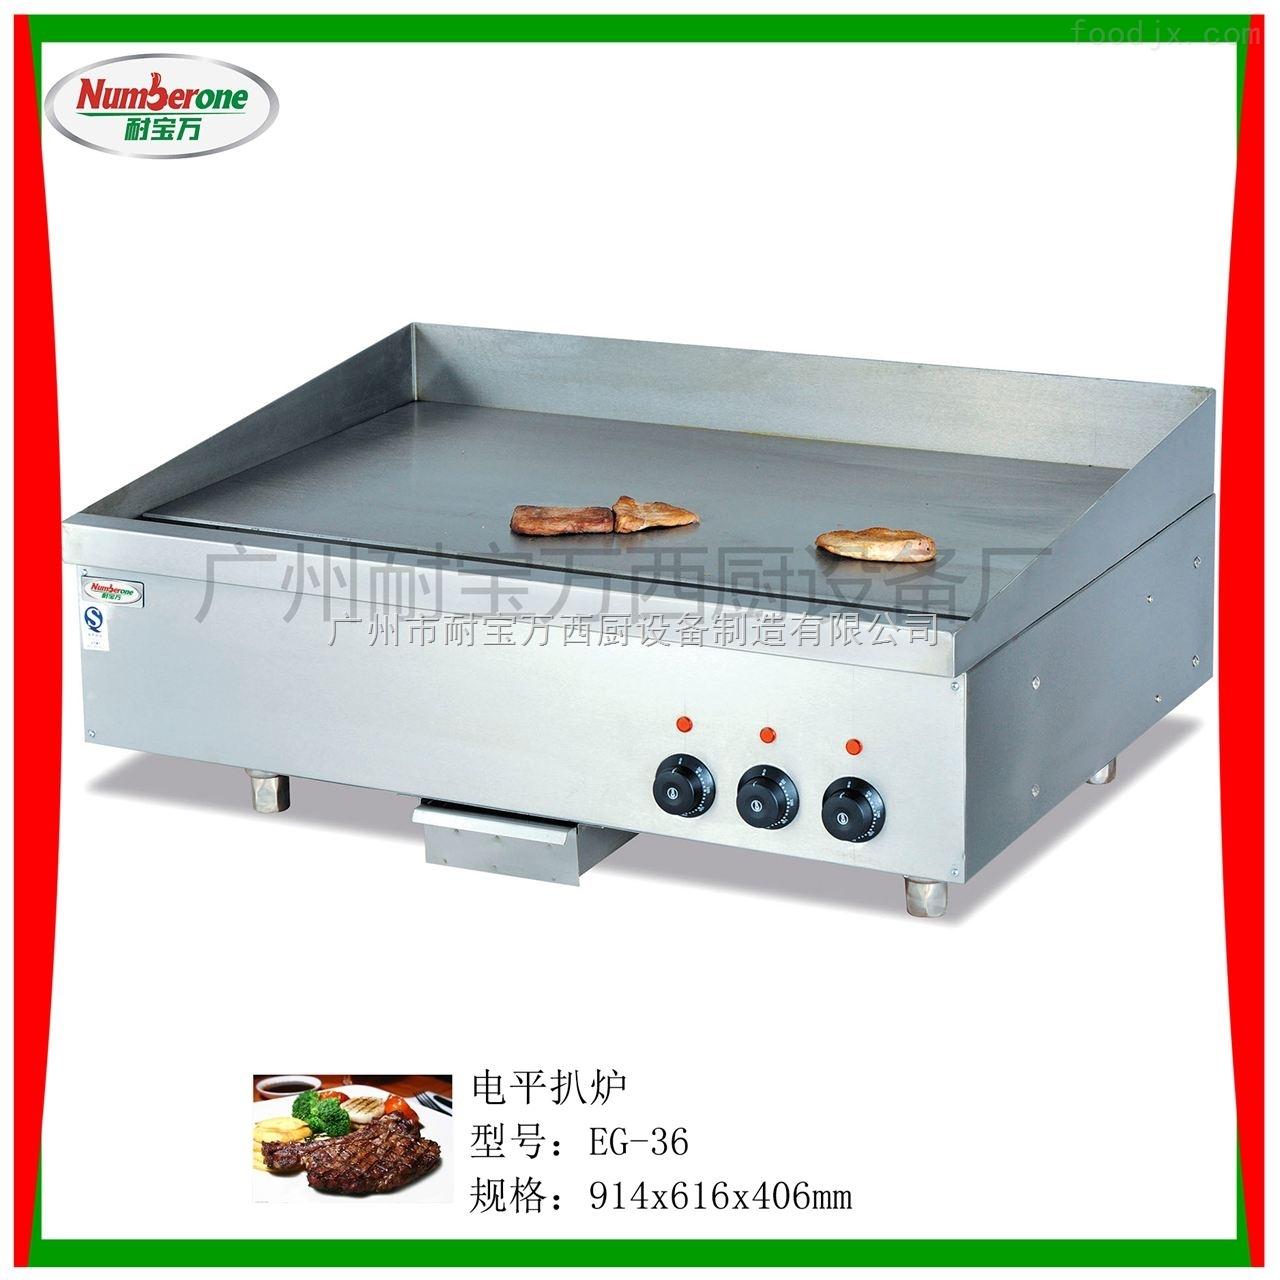 铁板烧设备 电扒炉